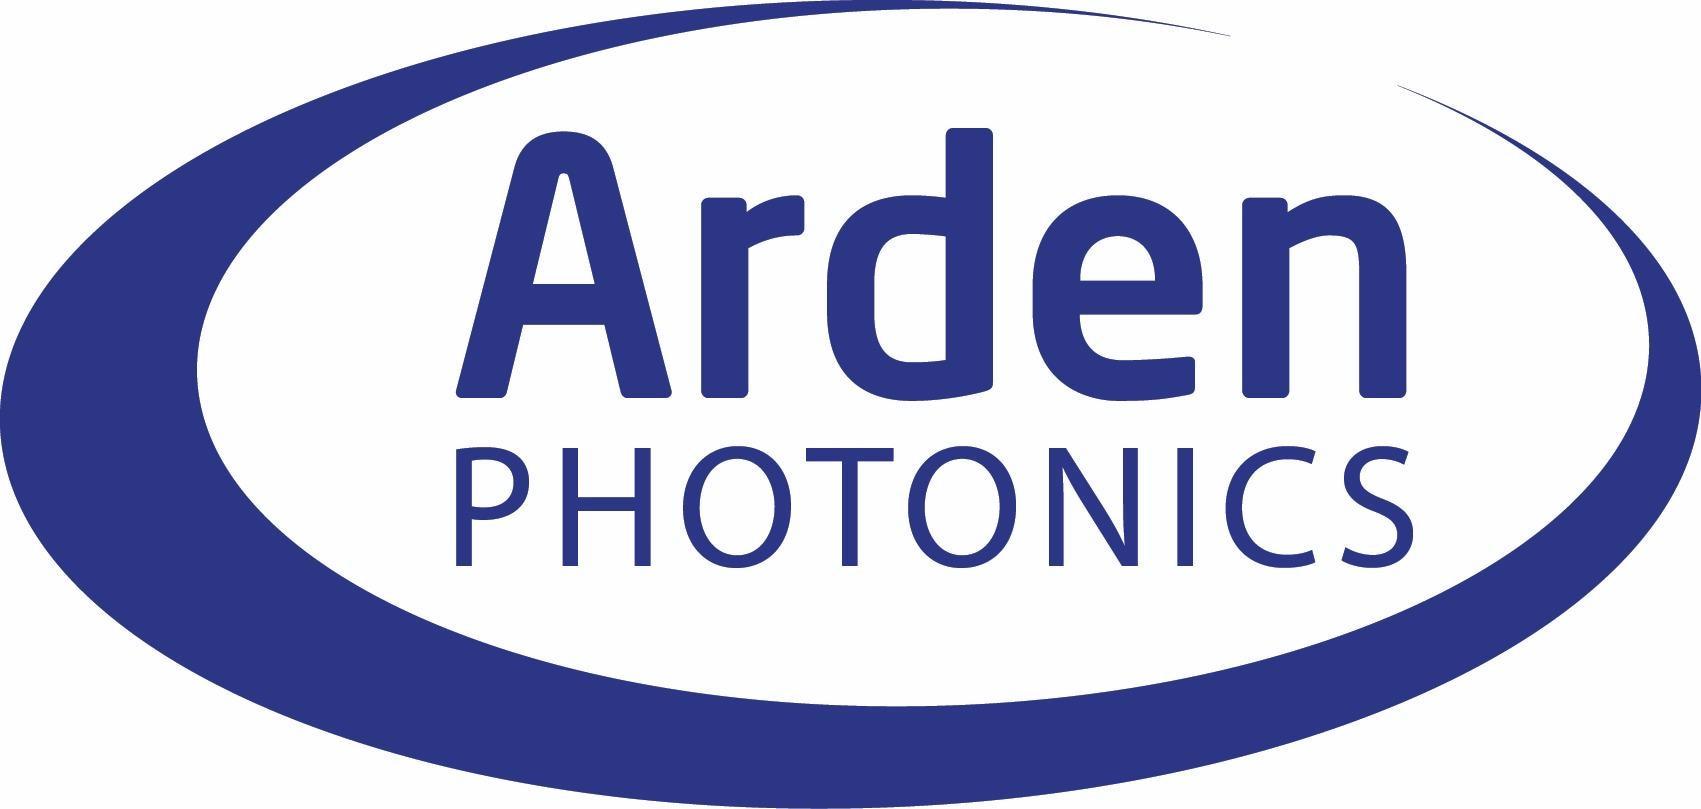 Arden Photonics LLC